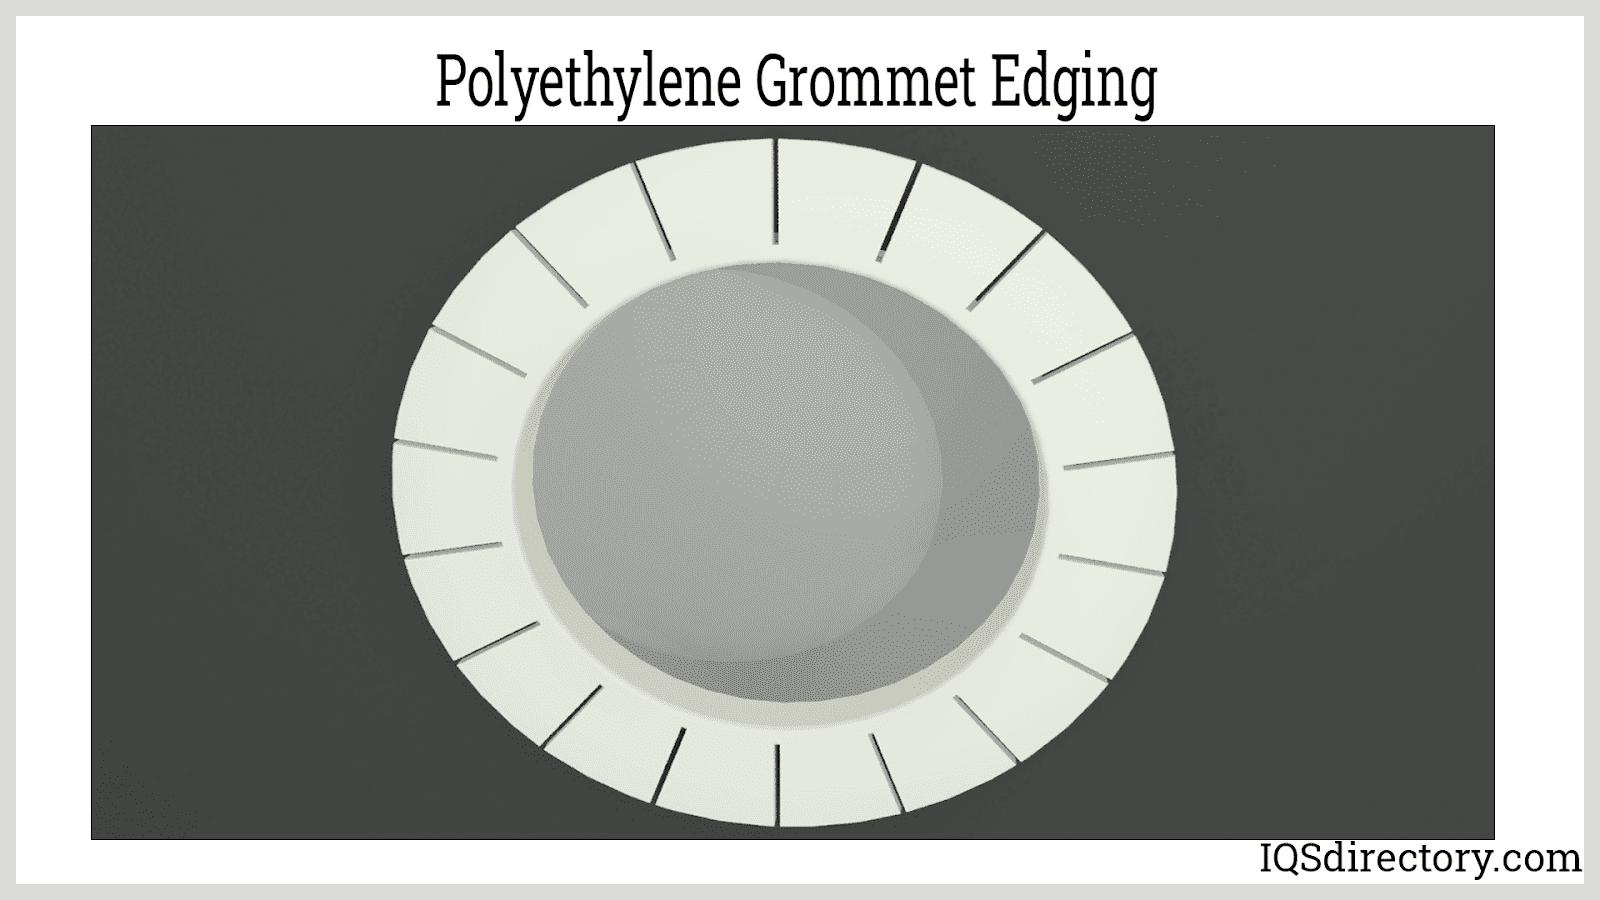 Polyethylene Grommet Edging